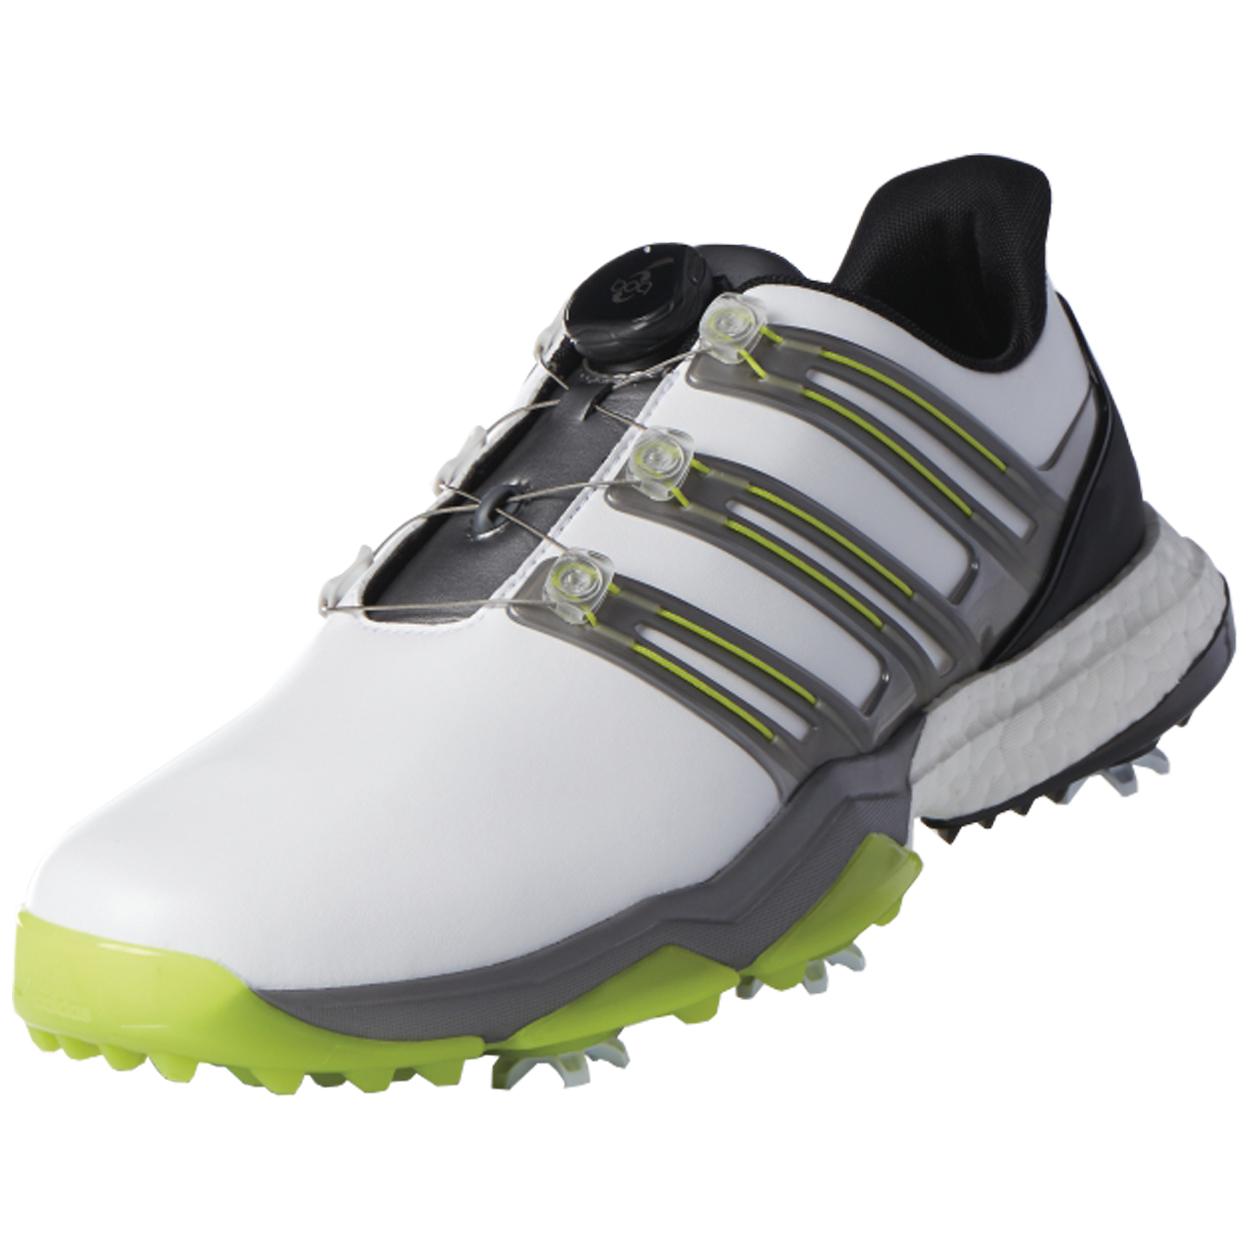 b895e118c ... adidas boost golf shoes